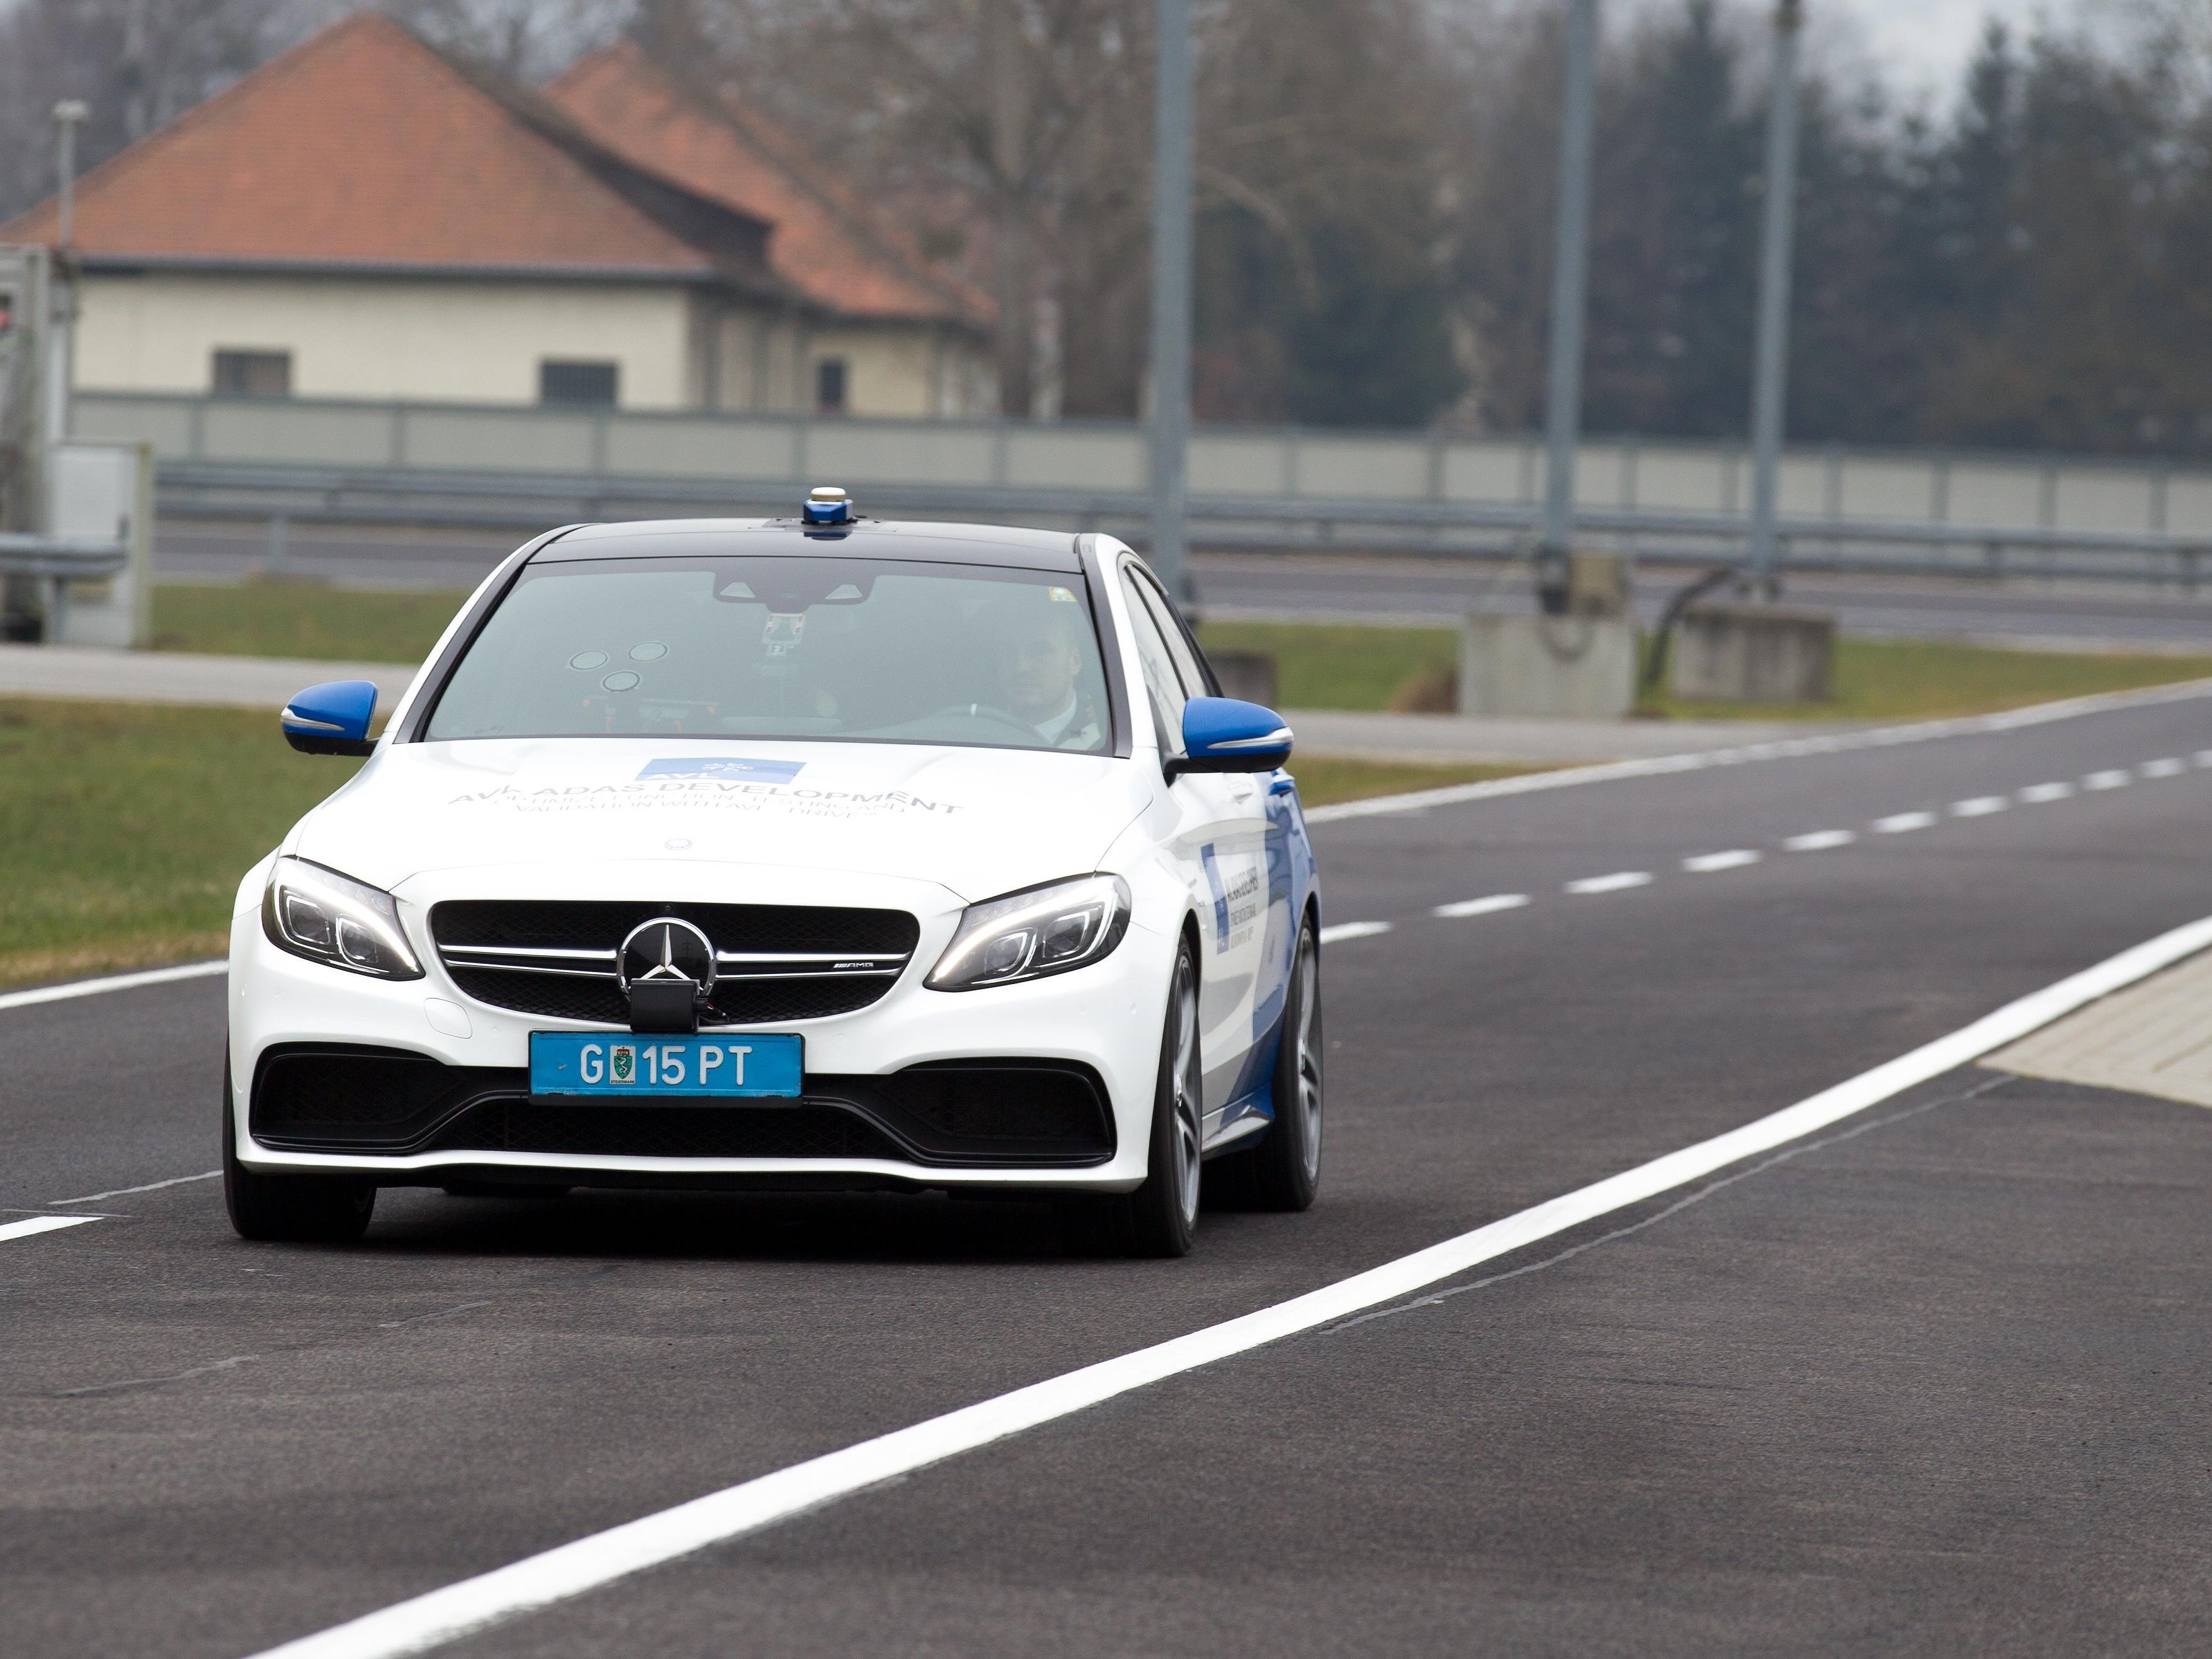 Die ersten Tests mit teilweise selbstfahrenden Autos in Österreich sind in der Steiermark angelaufen.